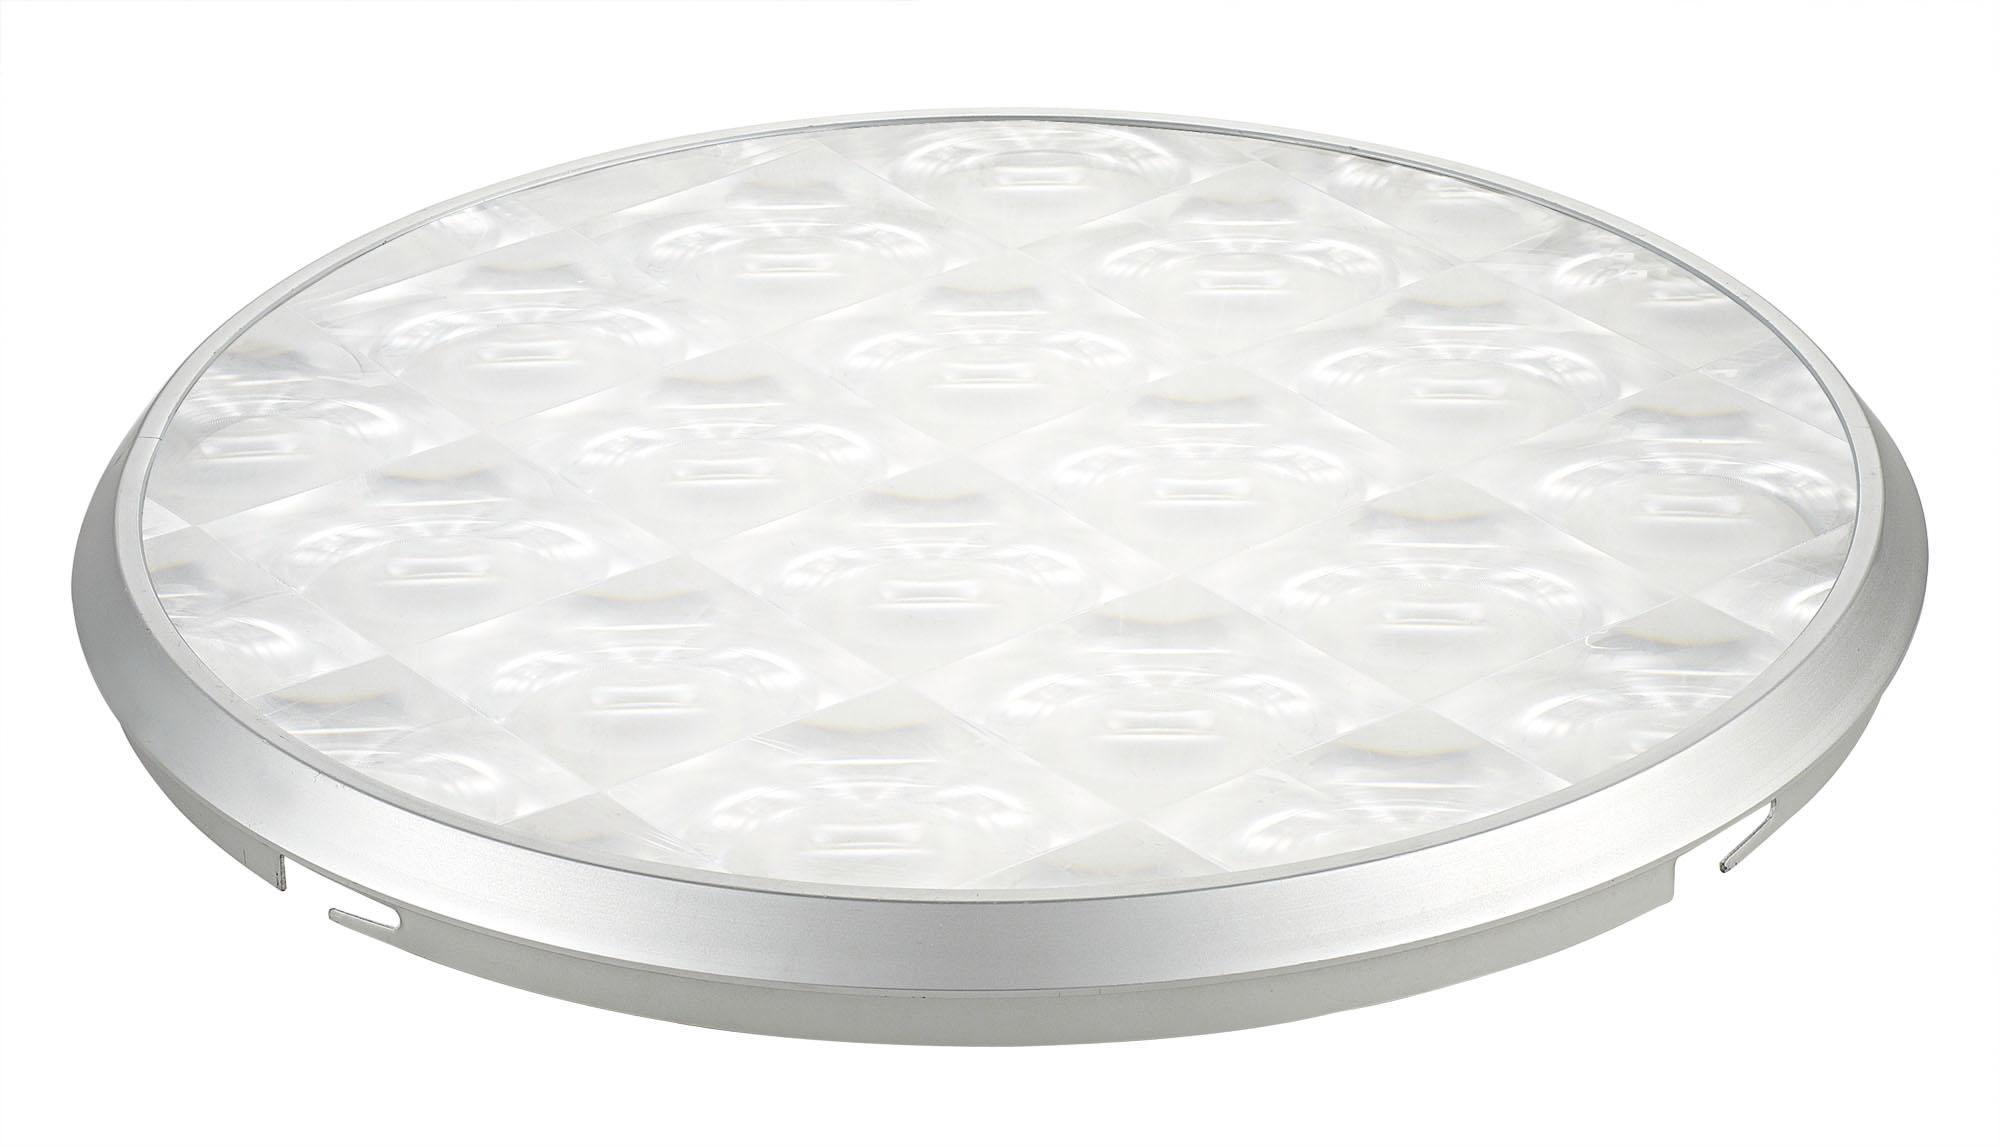 圆形漫射器-日光照明系统